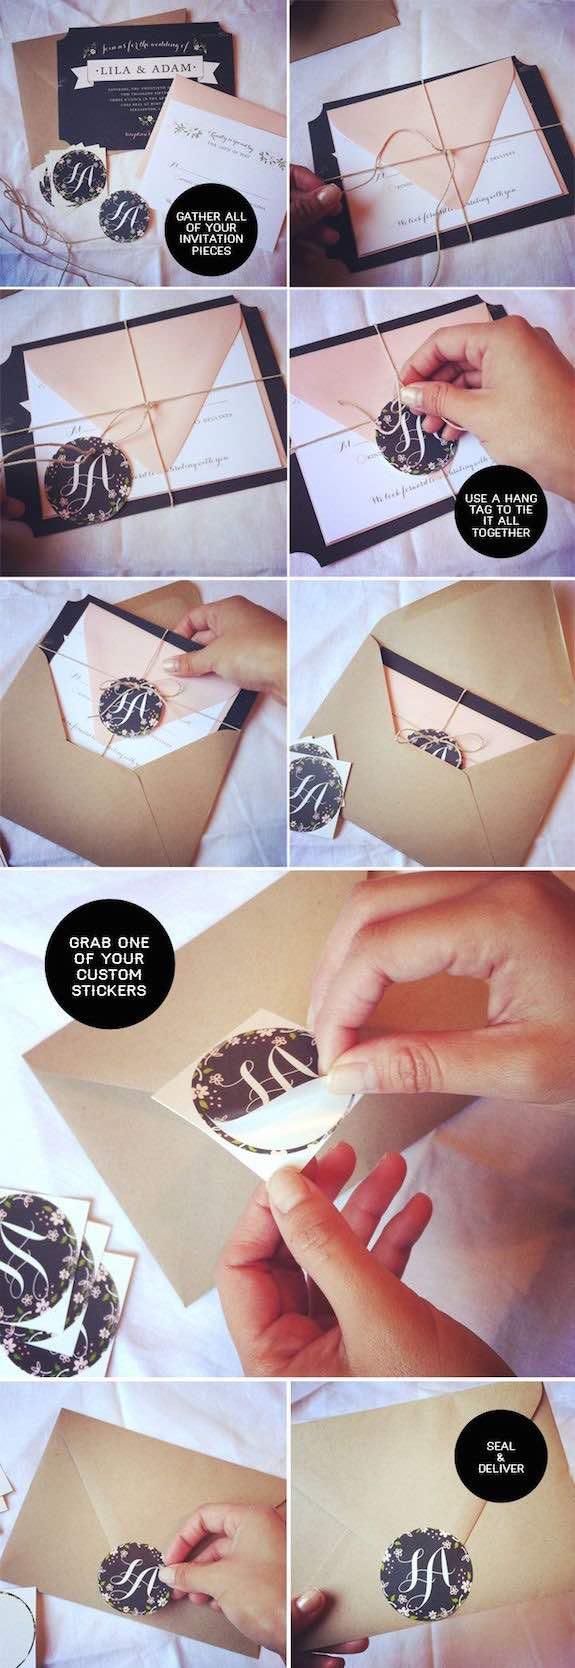 Cómo usar los sellos personalizados para bodas con simples stickers. Agrégalas a las invitaciones, recuerdos de bodas. Foto: smittenonpaper.com